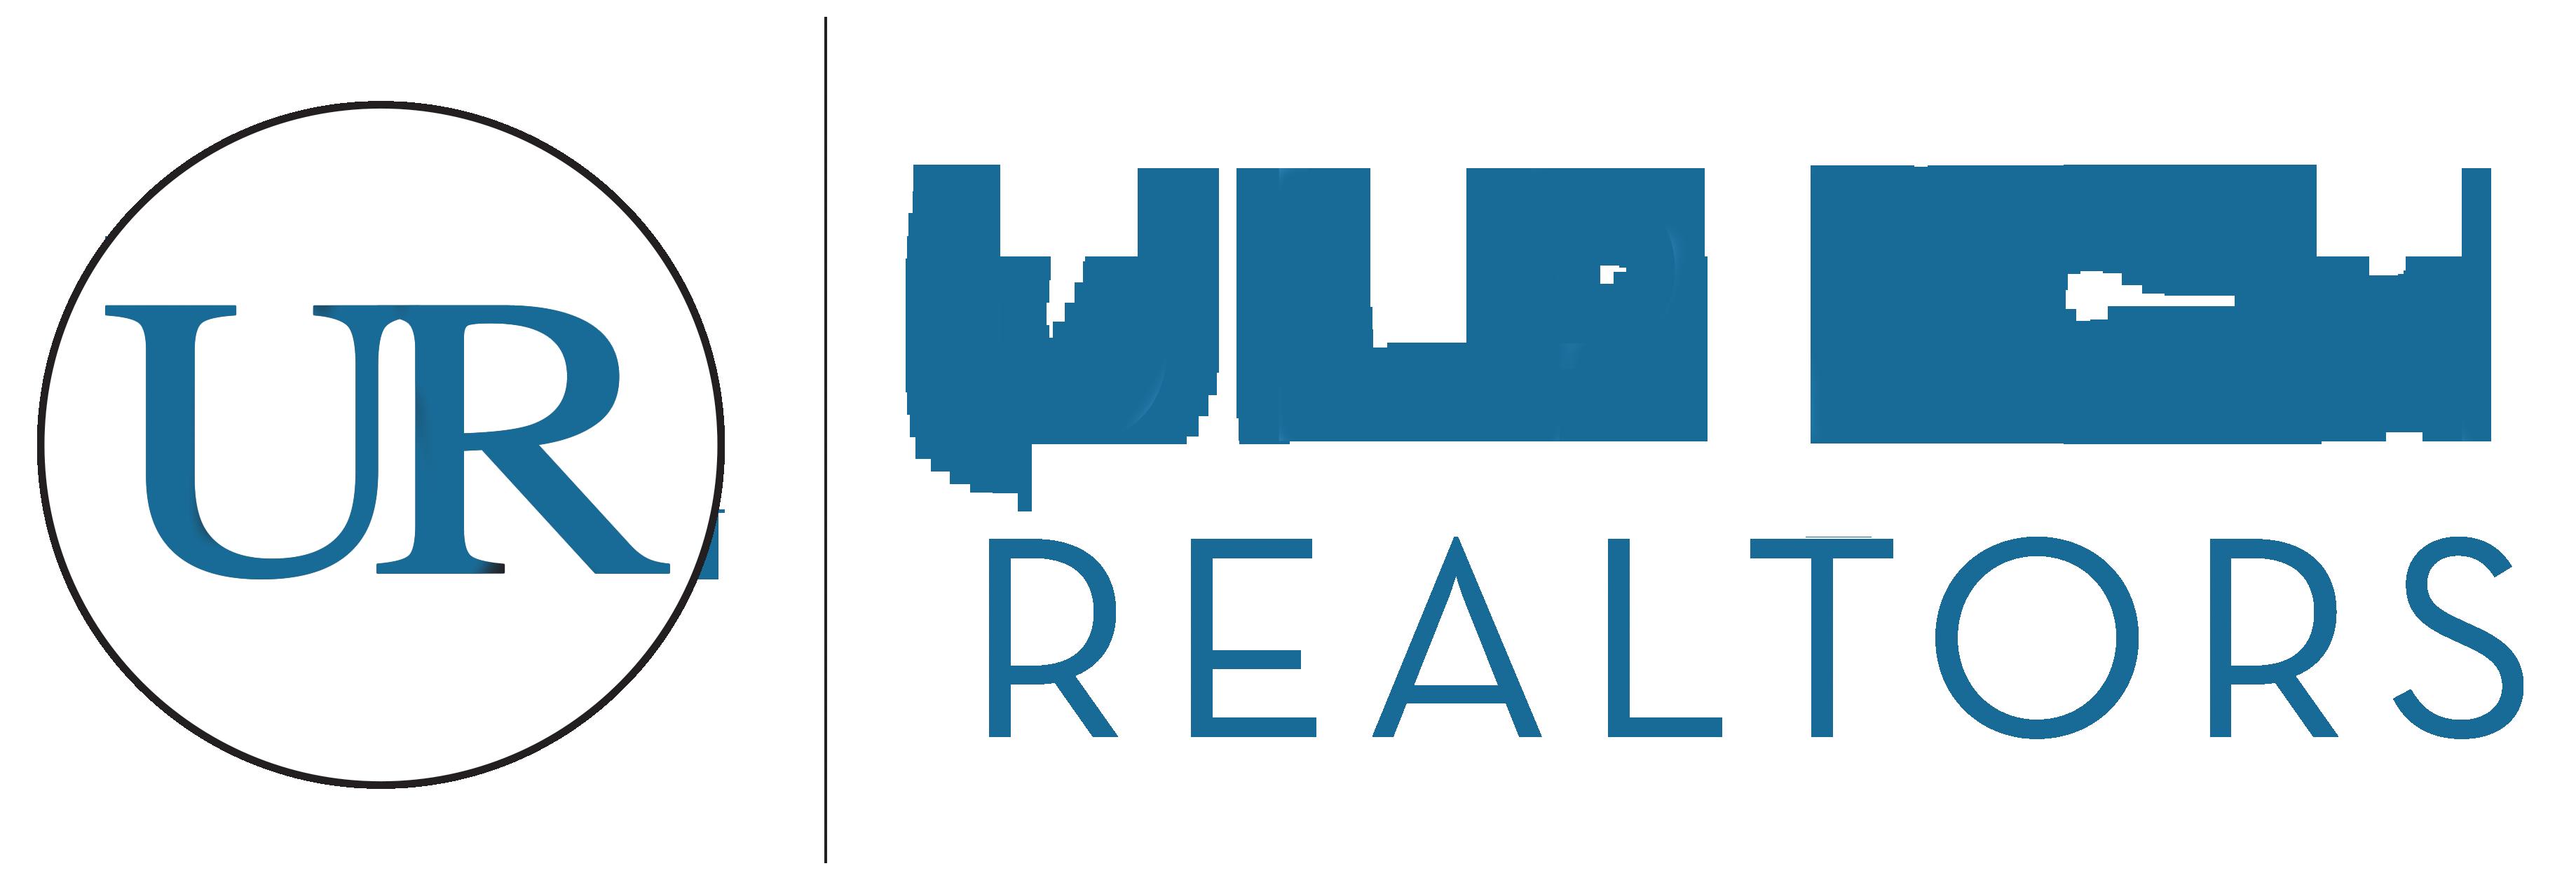 Ulrich Realtors